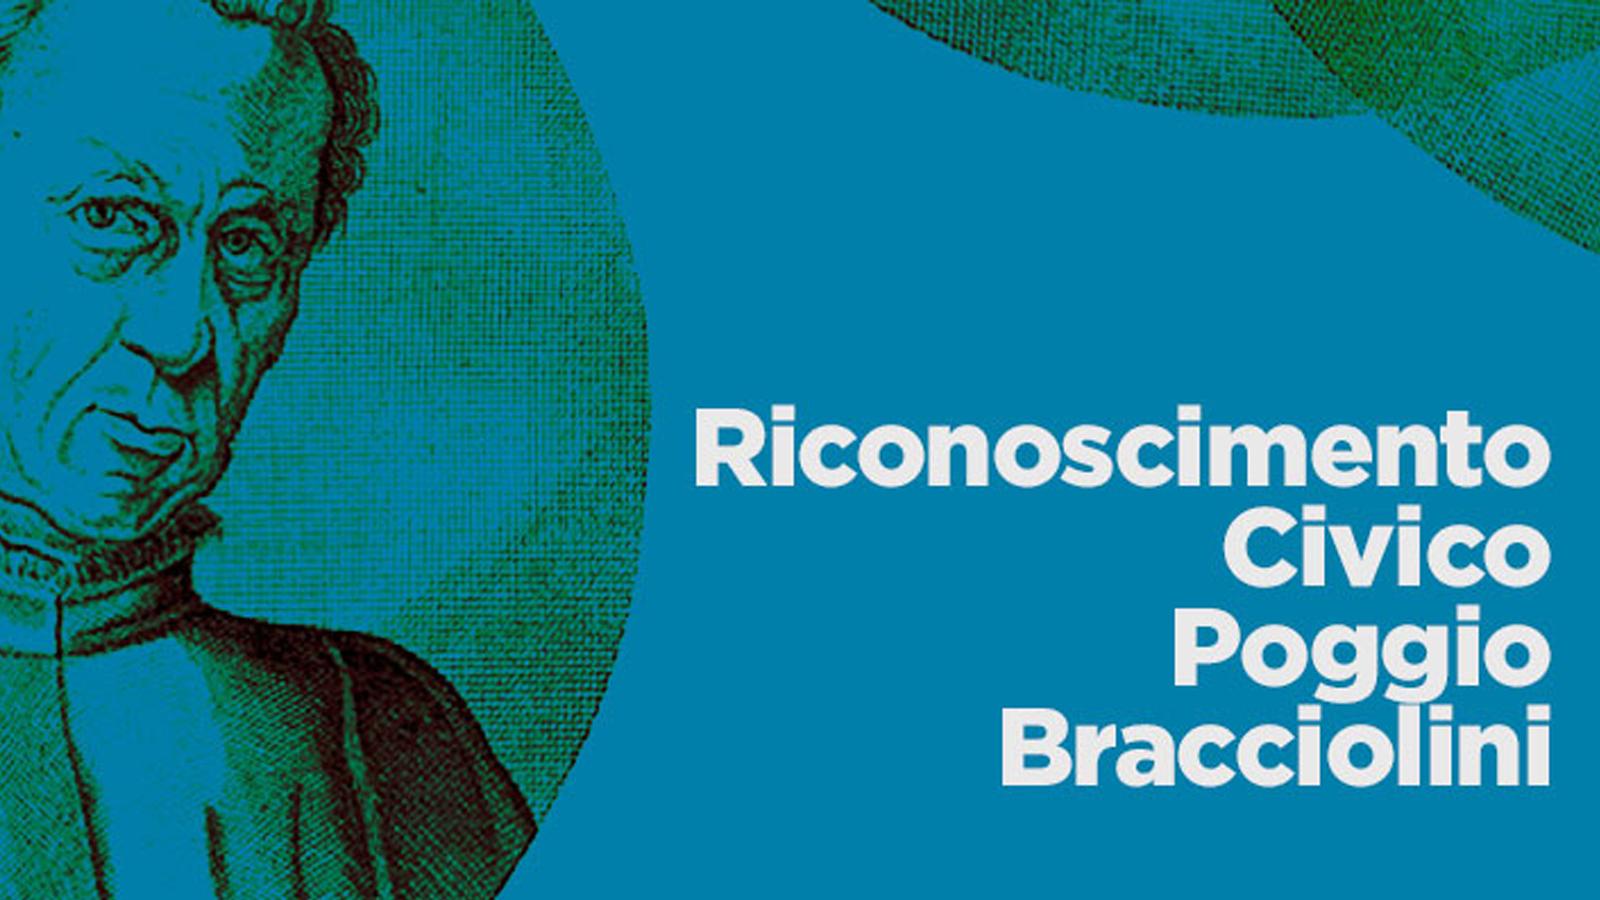 riconoscimento_civico_poggio_bracciolini